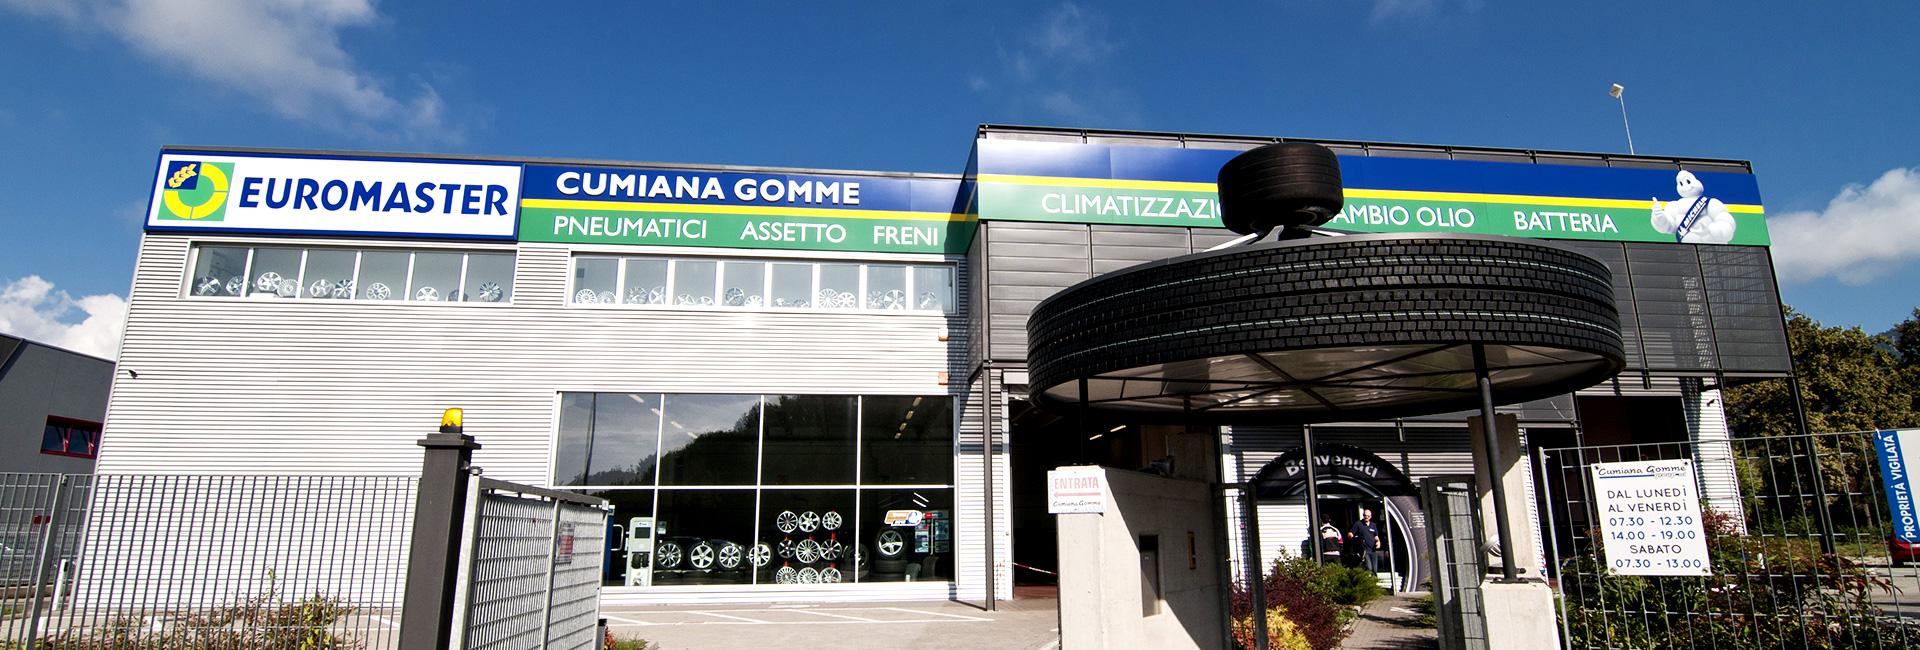 Gommista Euromaster Orbassano